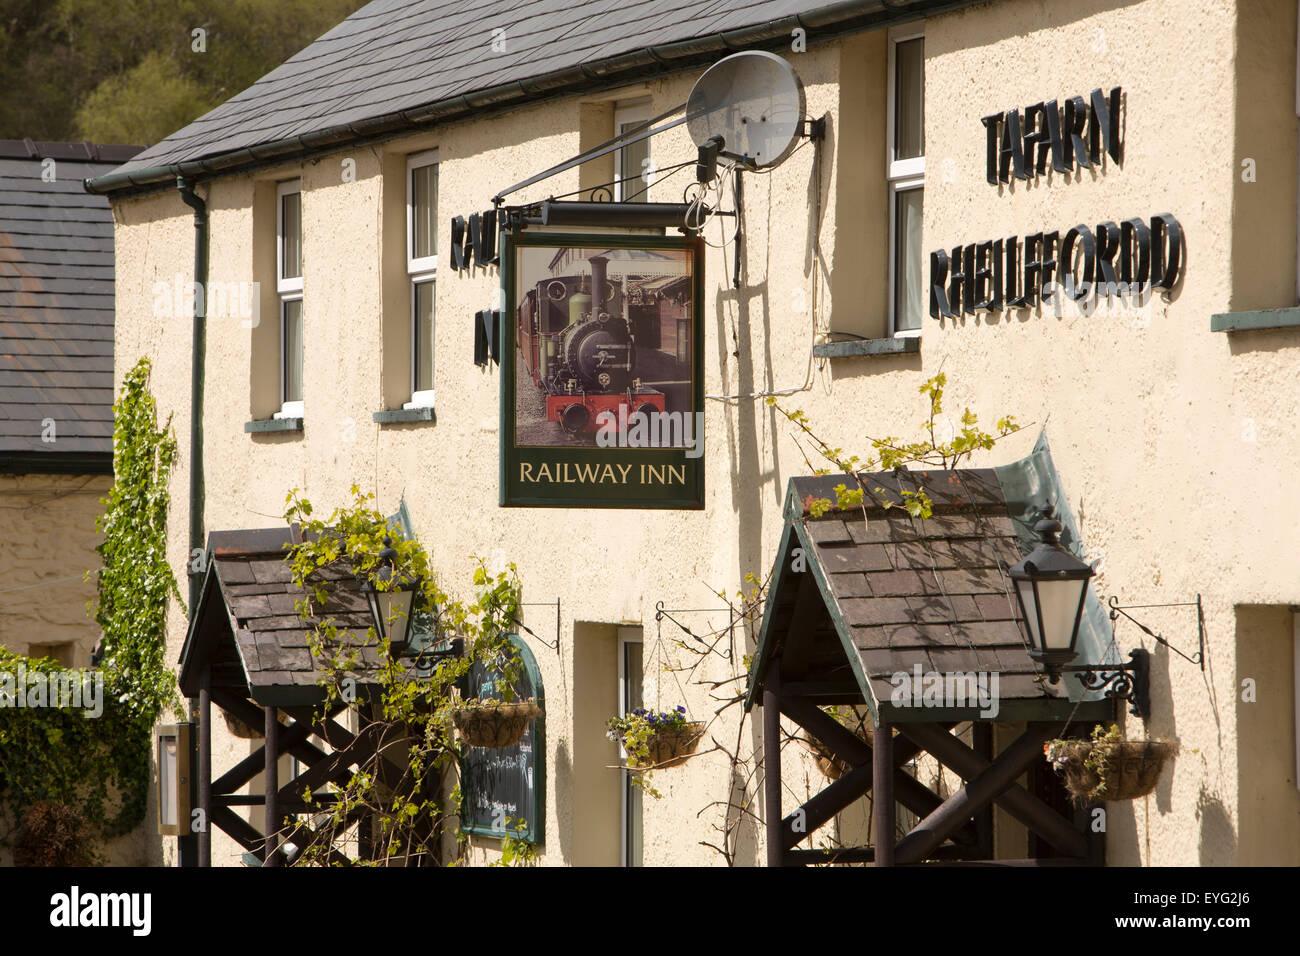 UK, Wales, Gwynedd, Abergynolwyn, Railway Inn, village pub named after Tal-y-Llyn line - Stock Image